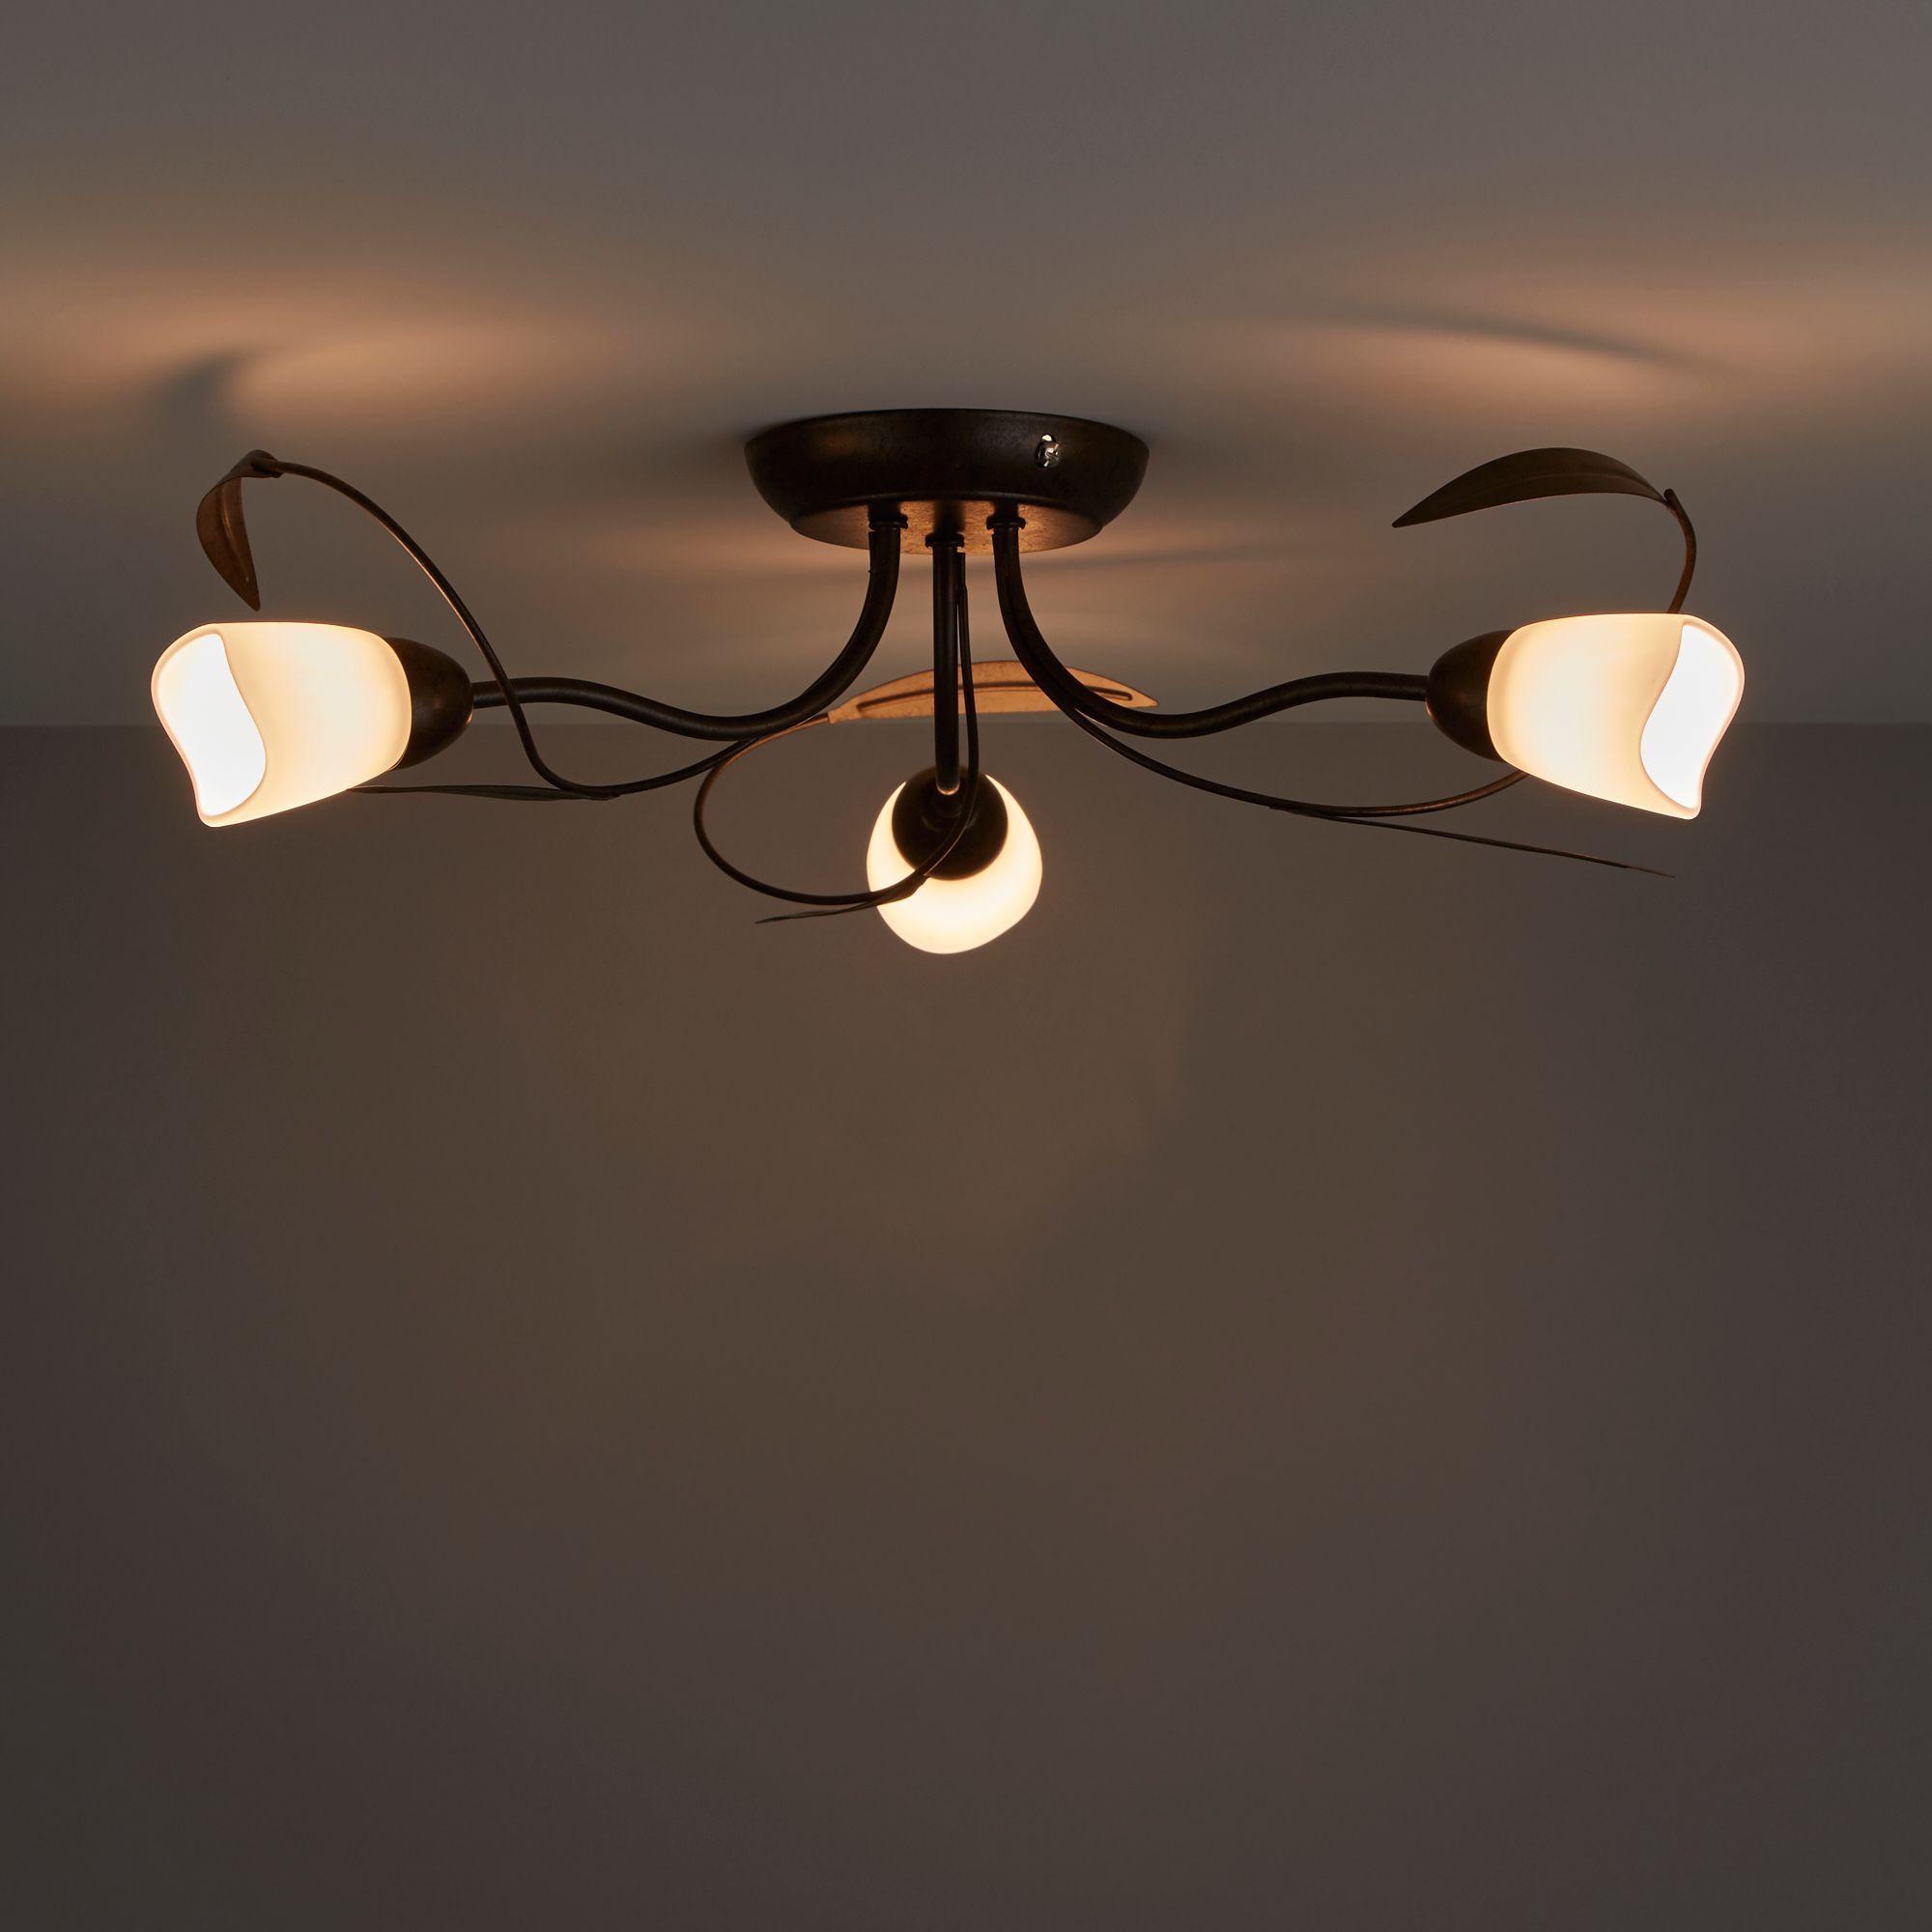 Honos Black & Brown Brushed 3 Lamp Ceiling Light B&Q for